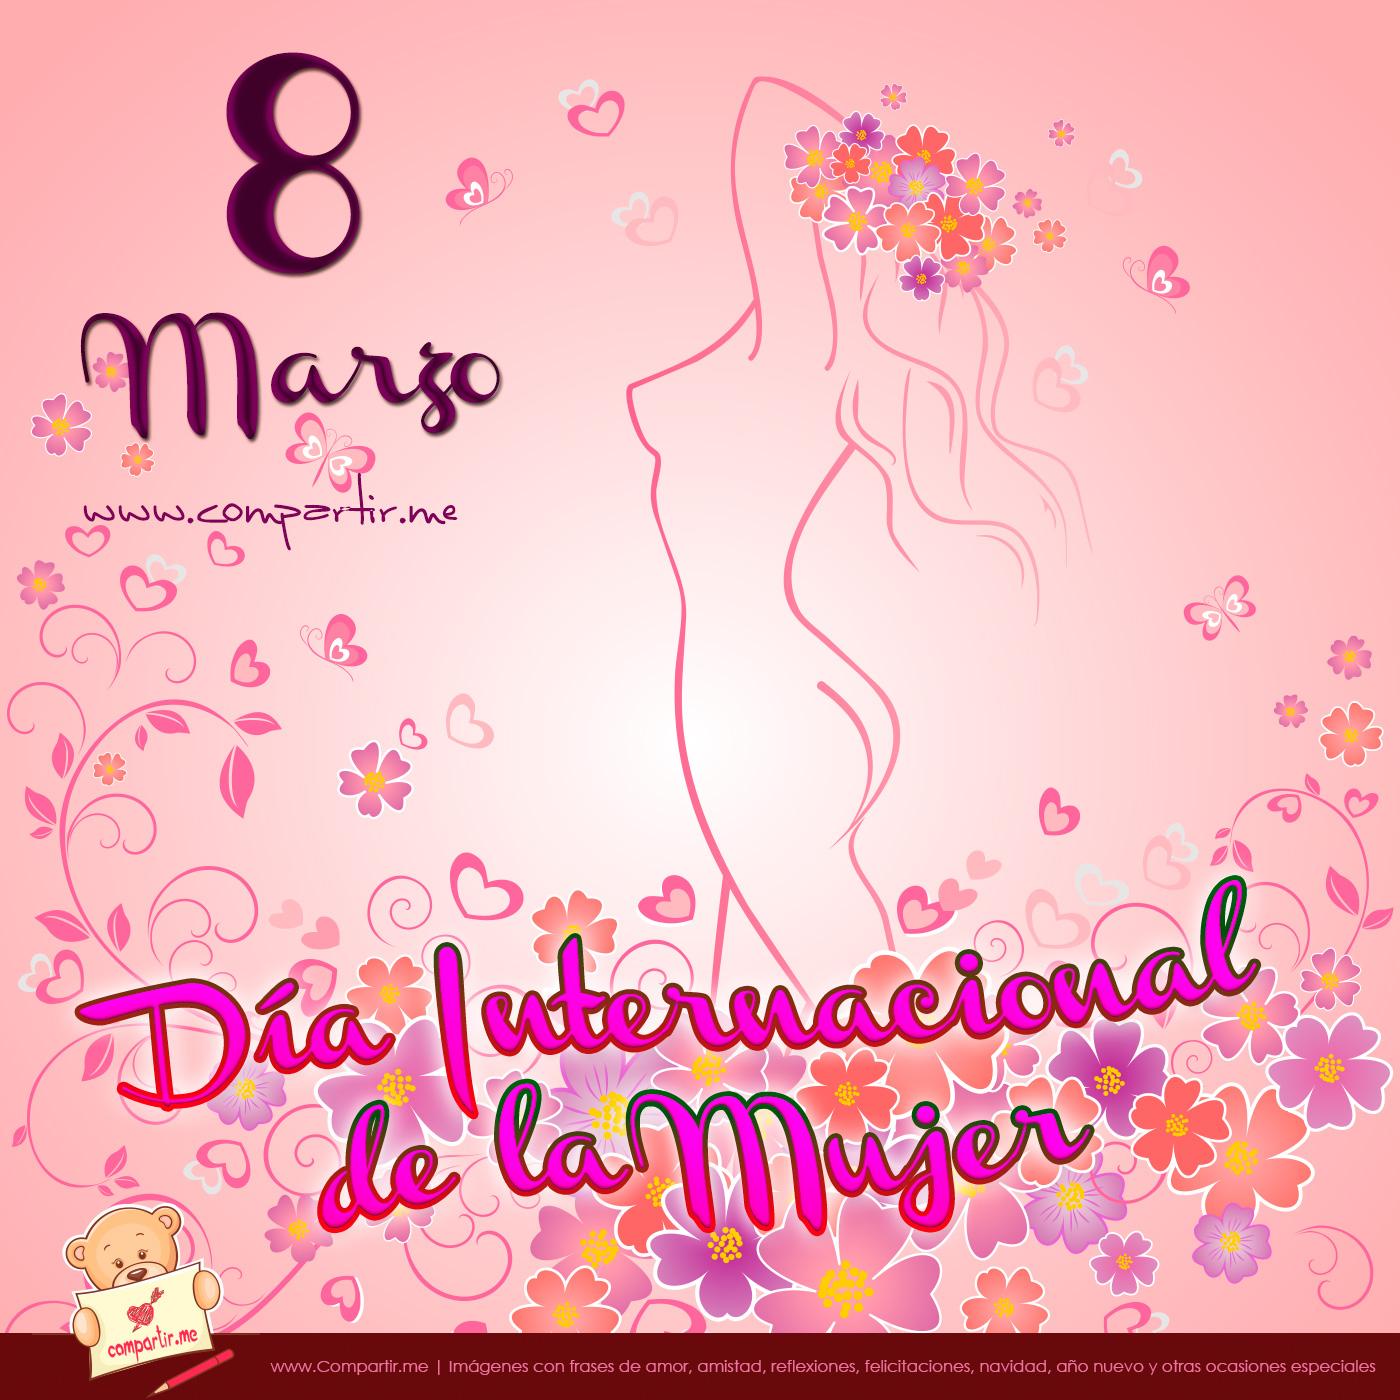 de la mujer trabajadora o dia internacional de la mujer conmemora la ...